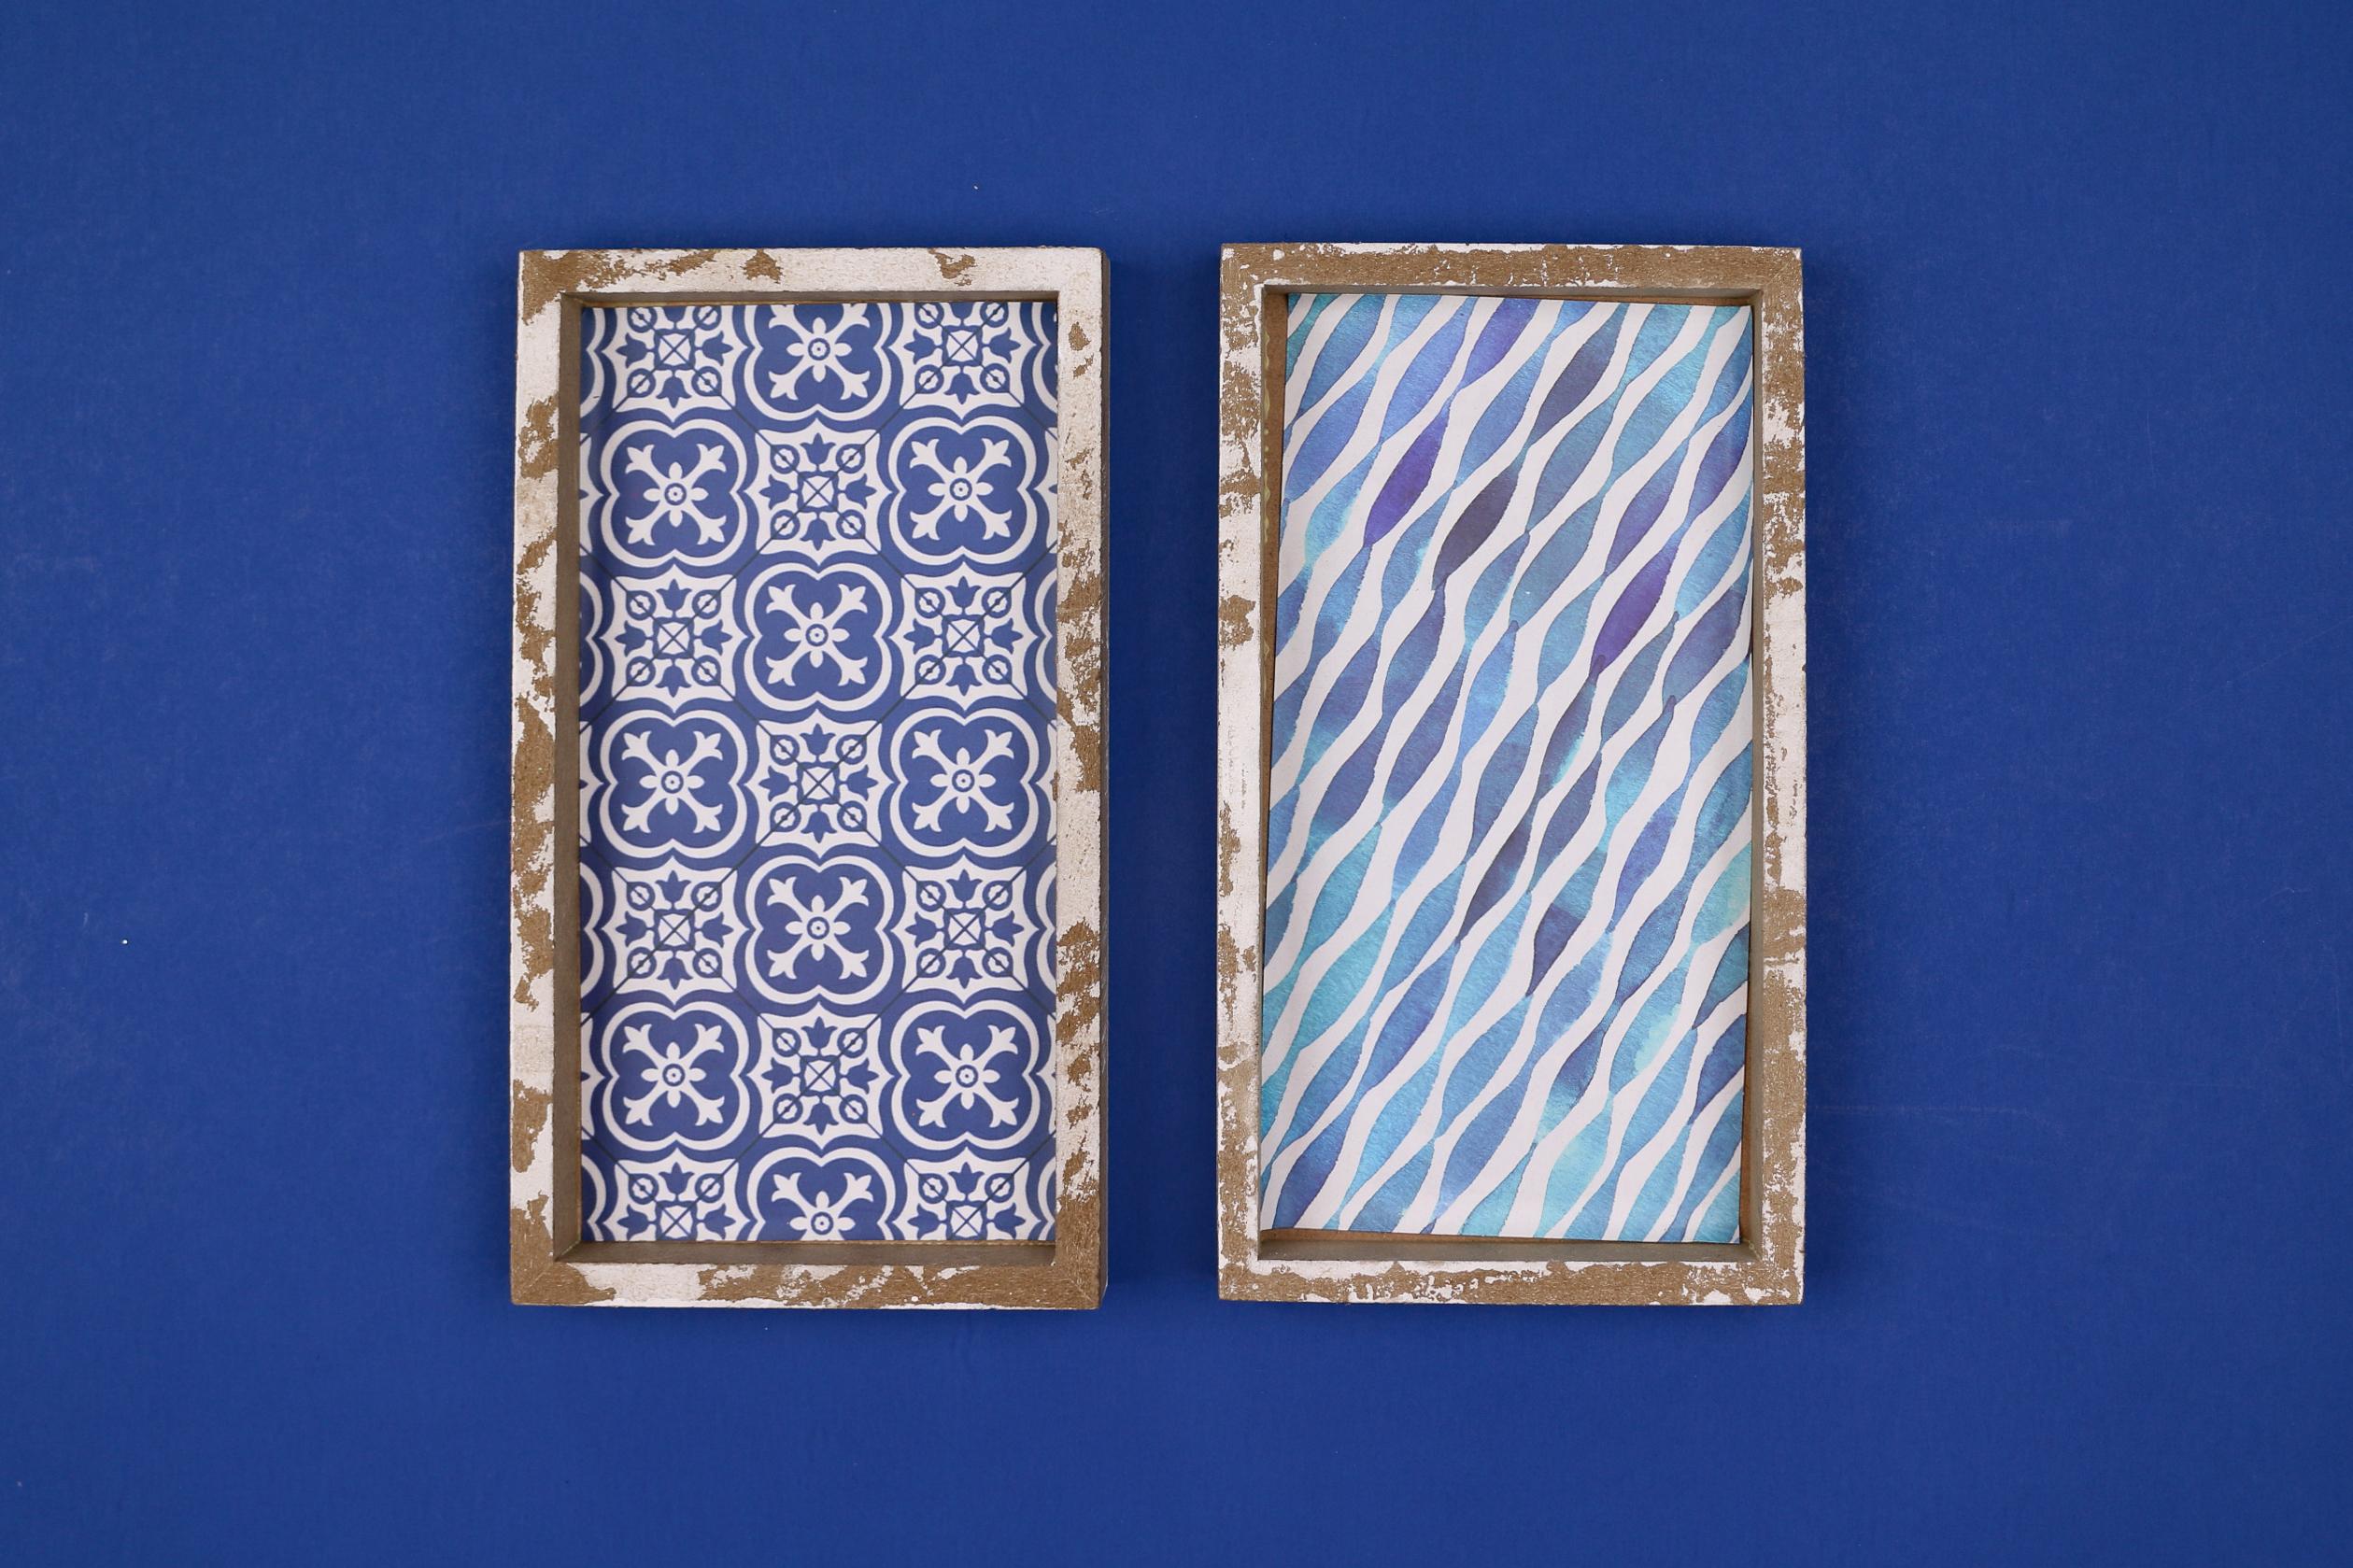 Blue patterned artwork on a blue background